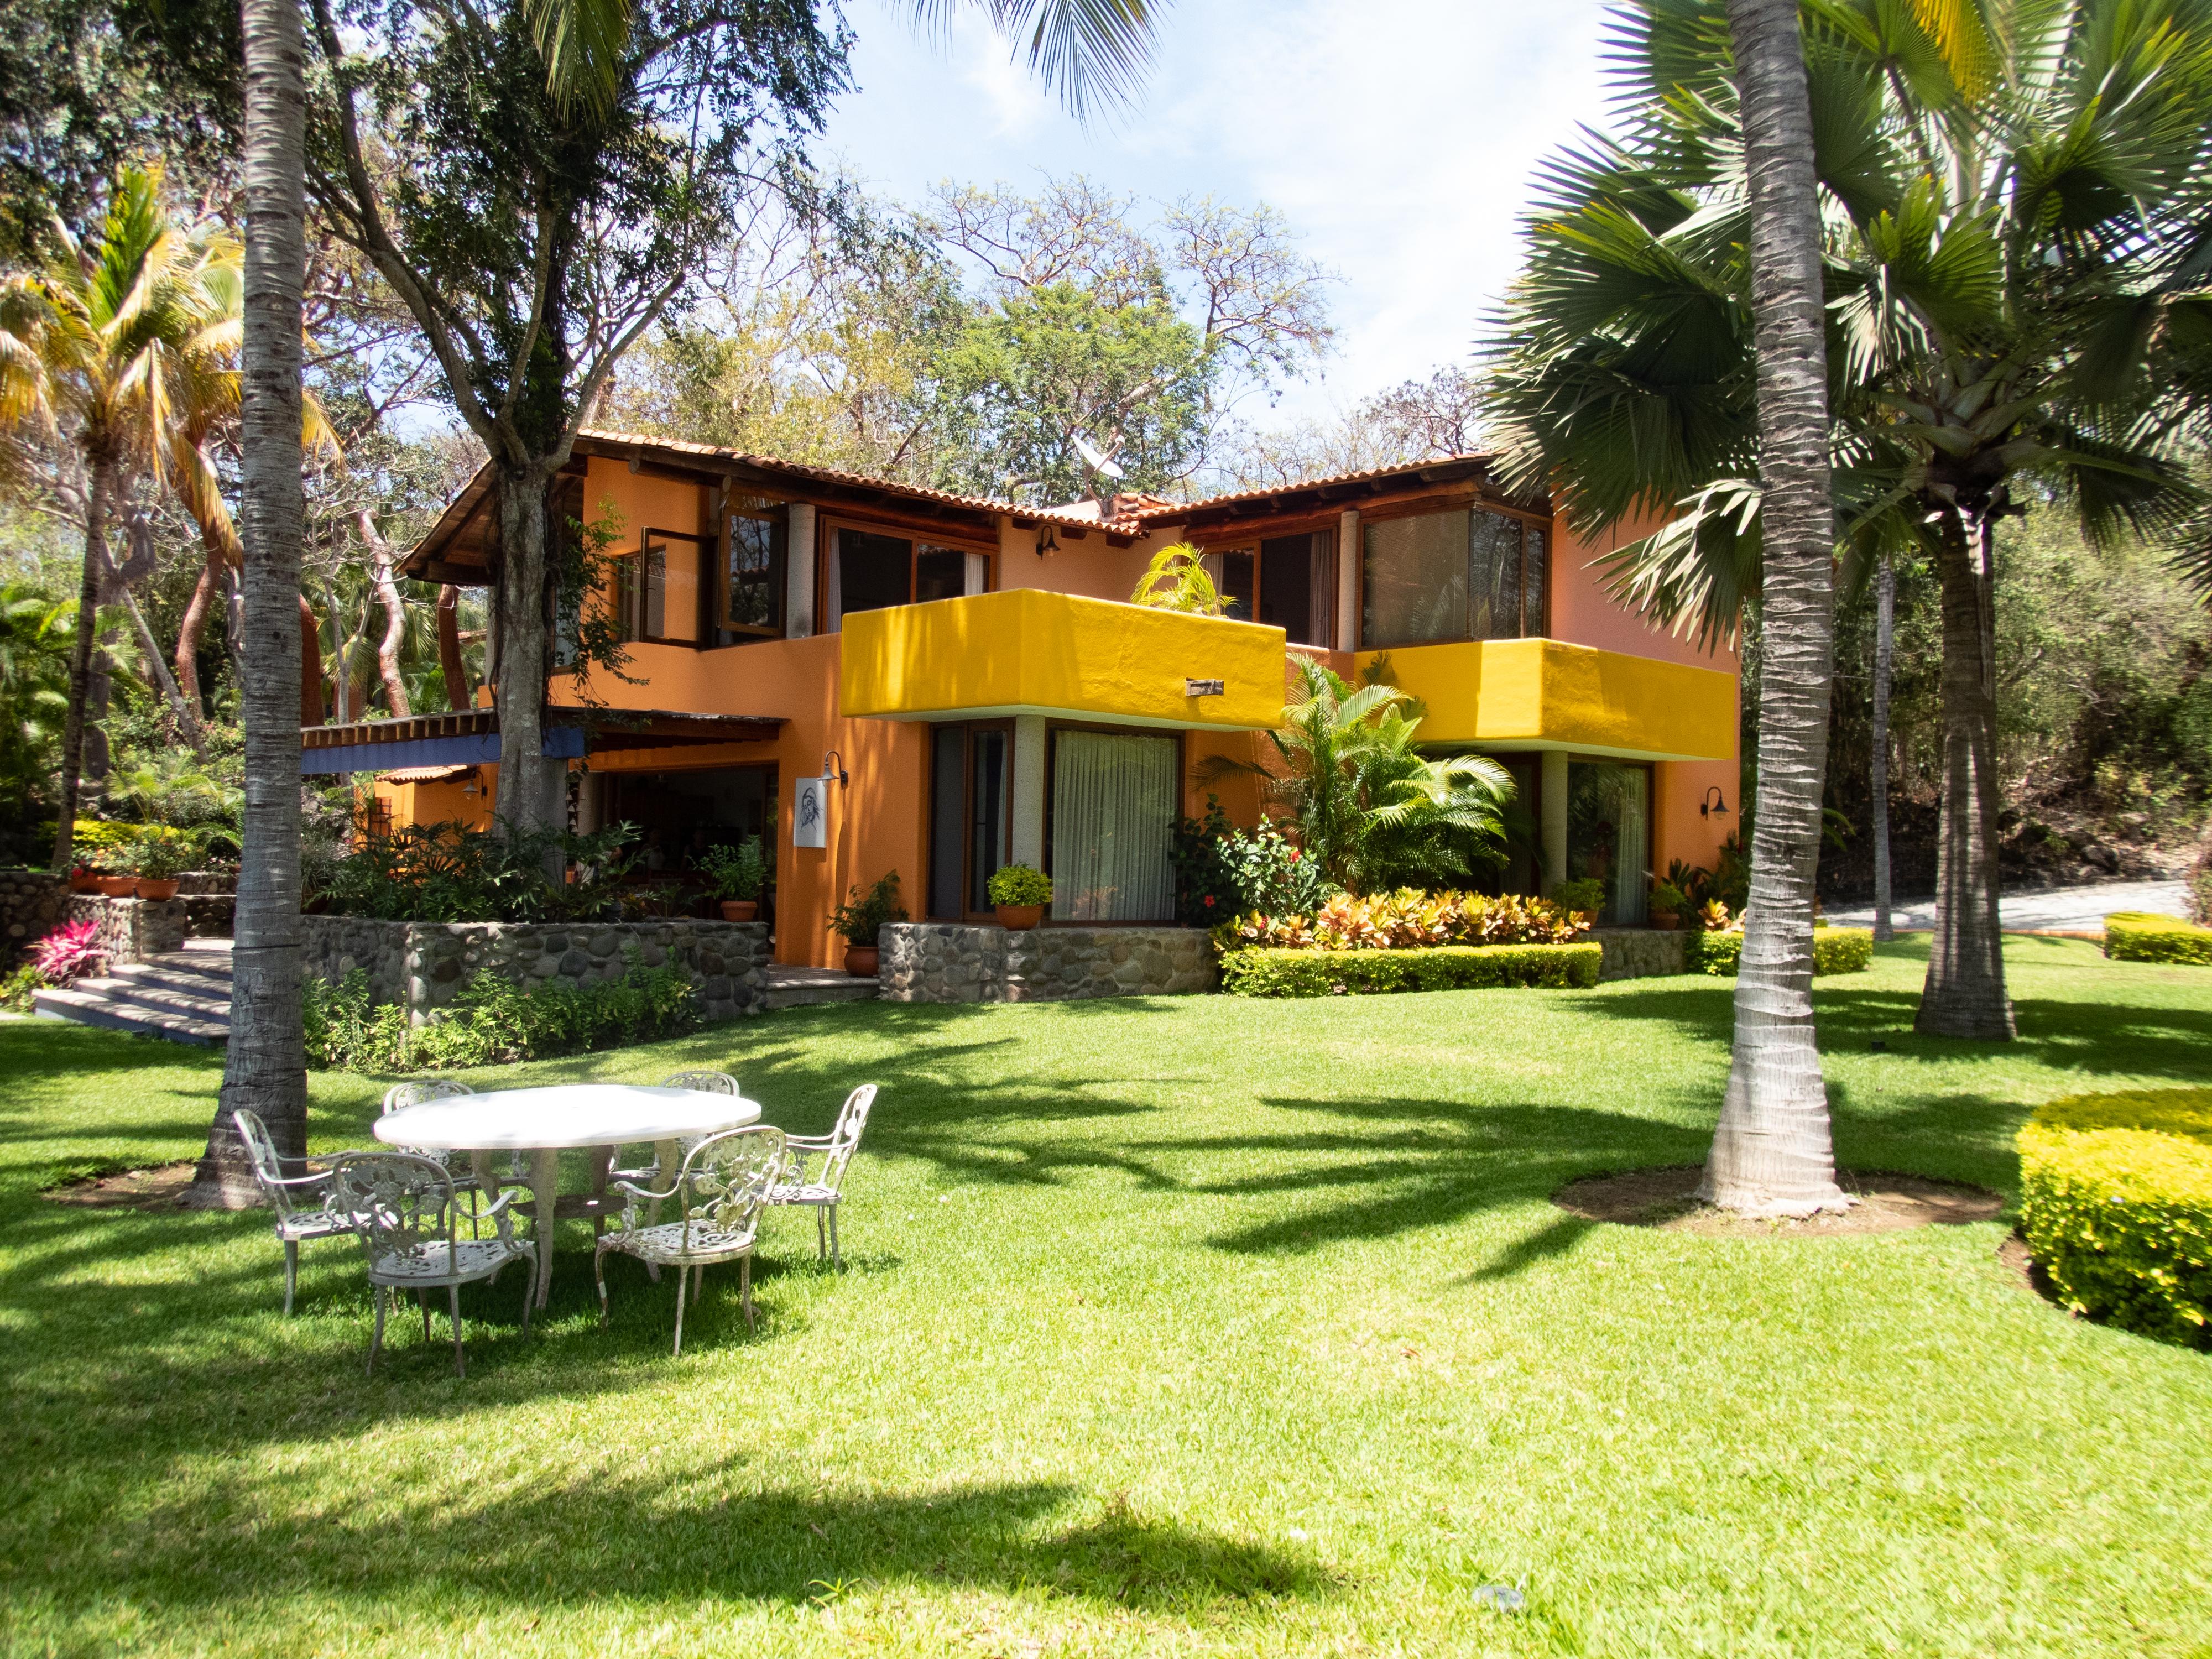 Images Gratuites : maison de plage, jardin, arrière-cour ...